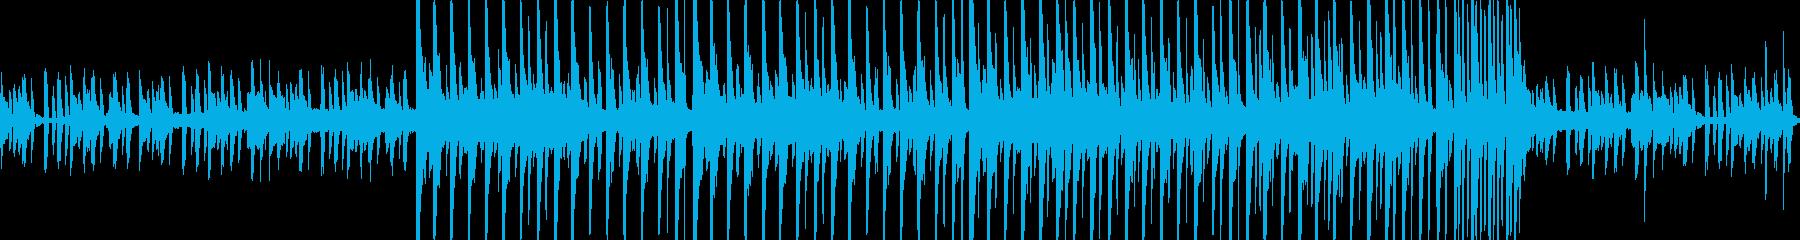 コンピューターの音楽(レトロ)の再生済みの波形